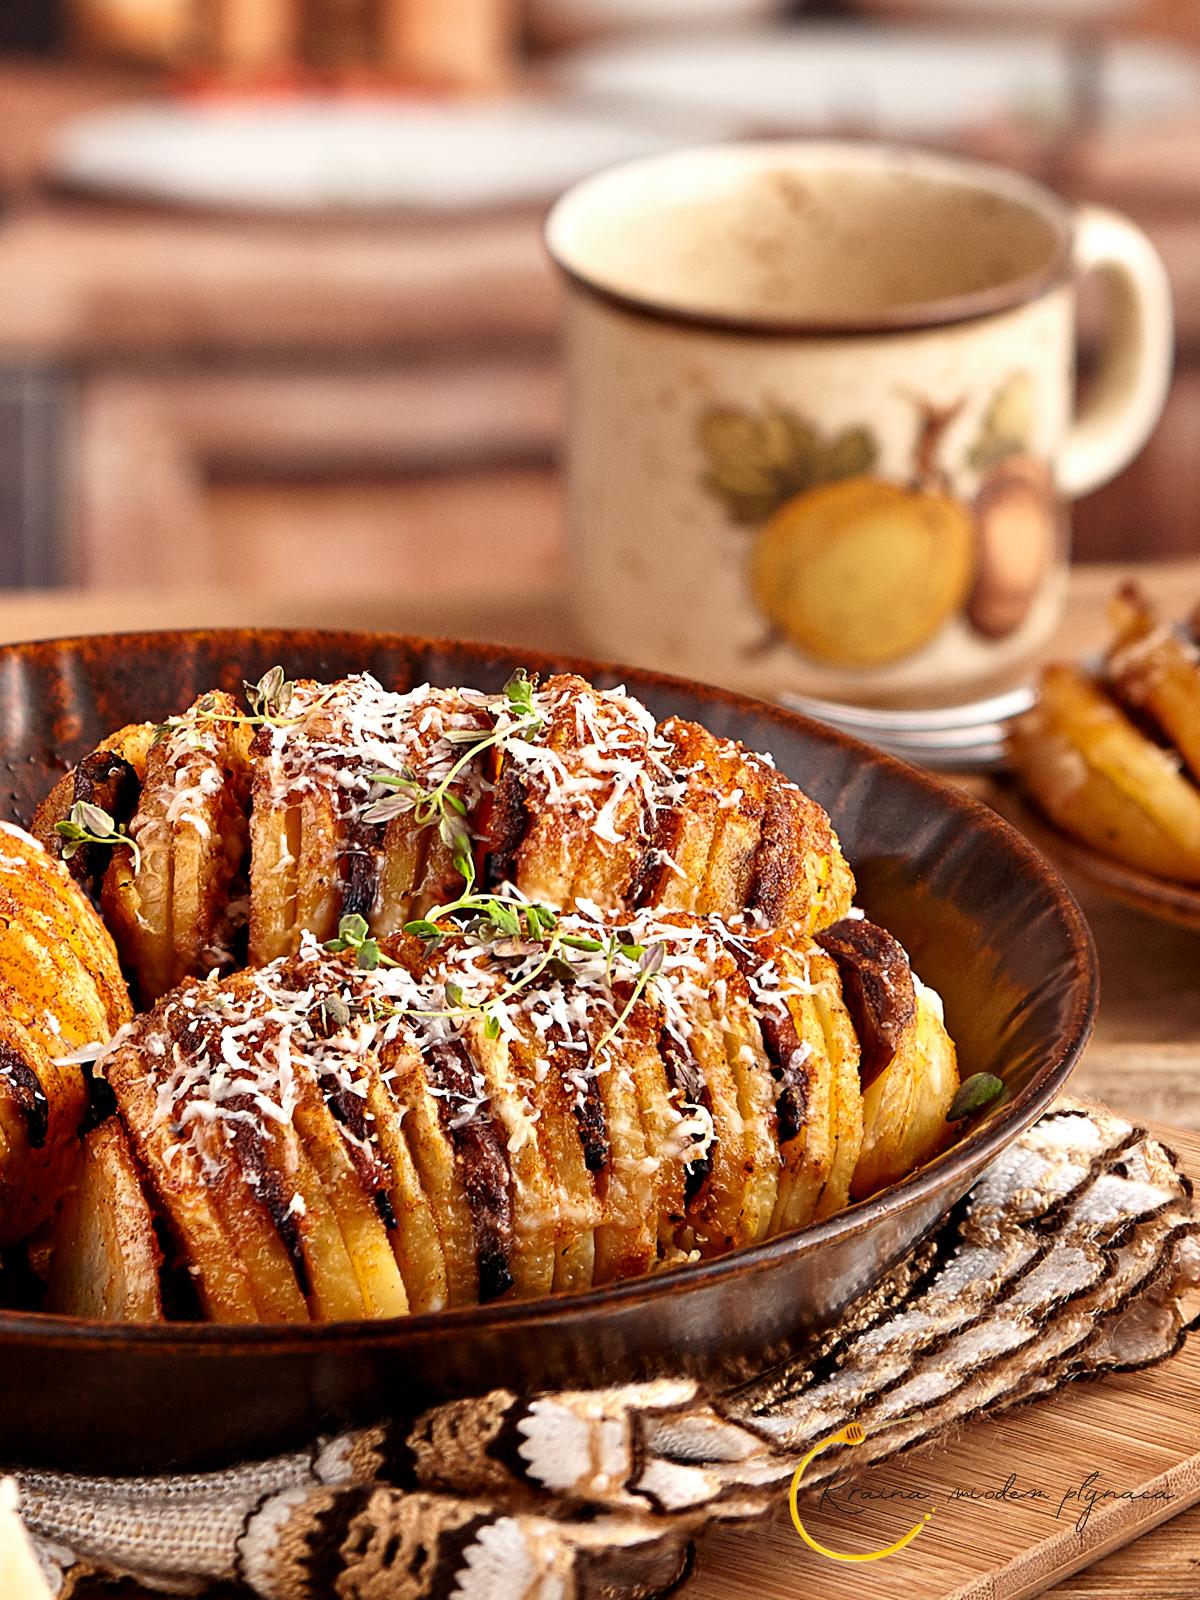 pieczone ziemniaki, ziemniaki harmonijkowe, ziemniaki hasselback, ziemniaki z piekarnika, fotografia kulinarna szczecin, kraina miodem płynąca